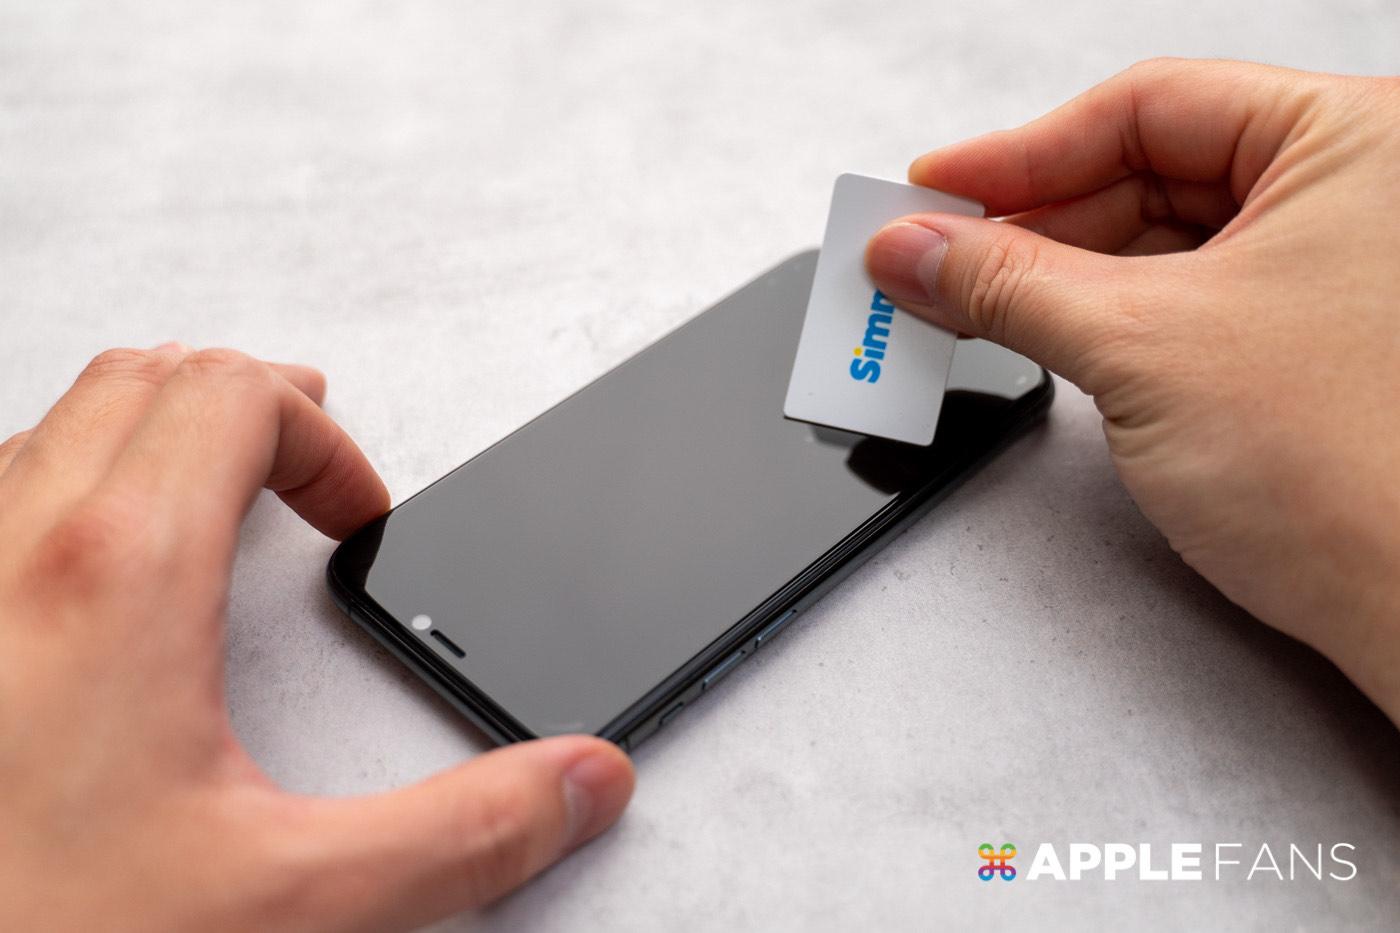 使用小紙卡向外刮除